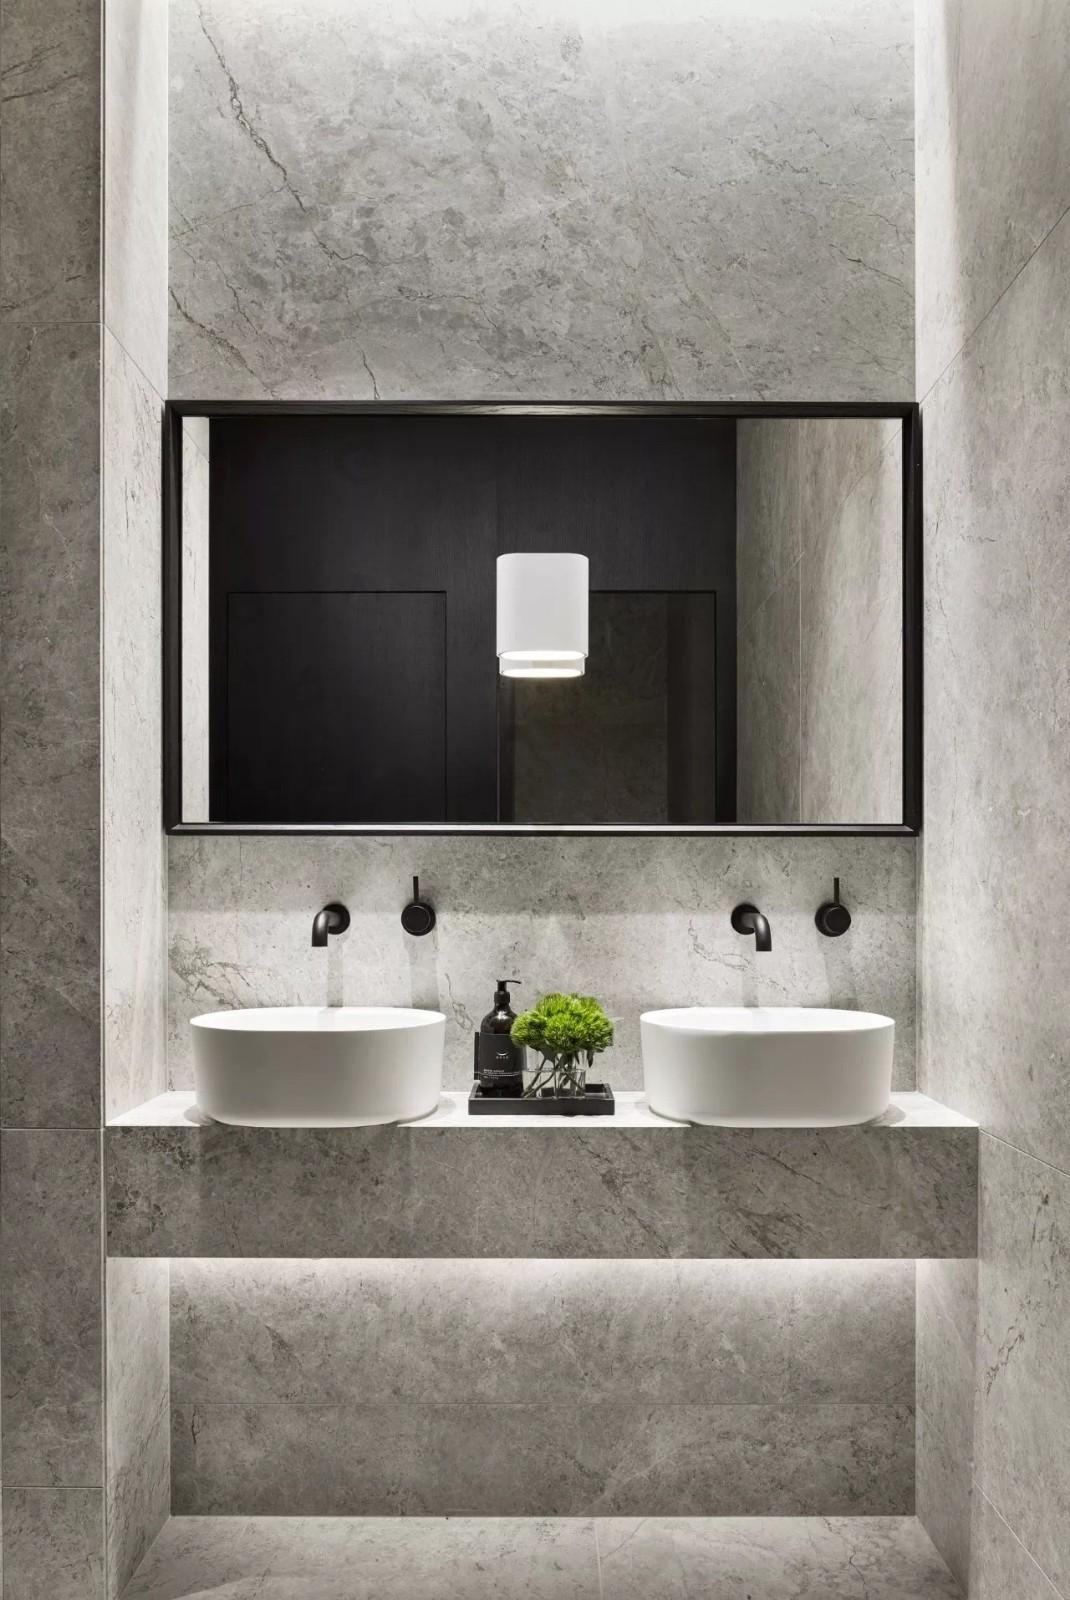 洗手盆|洗手盆系列-云浮市天造美石材有限公司